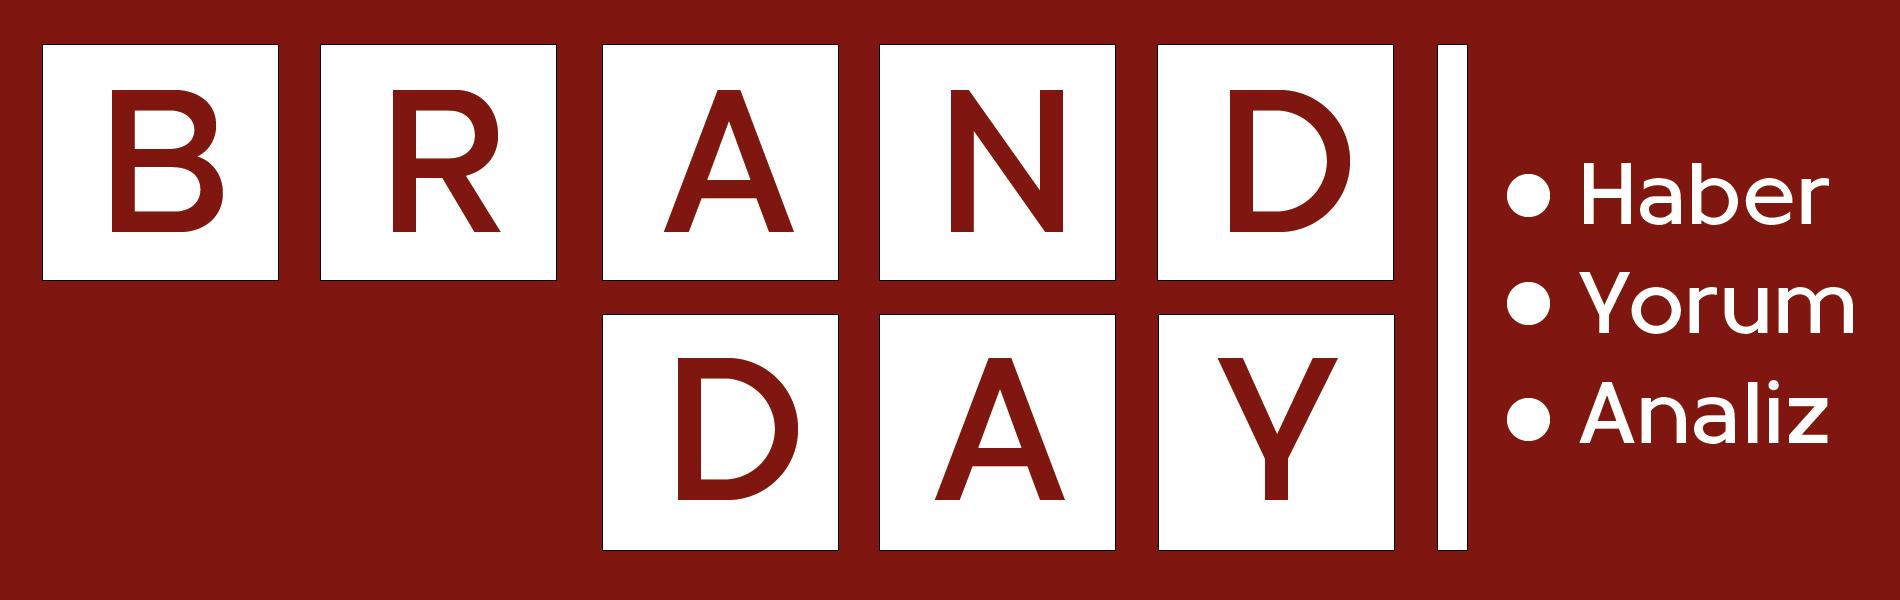 BRANDDAY